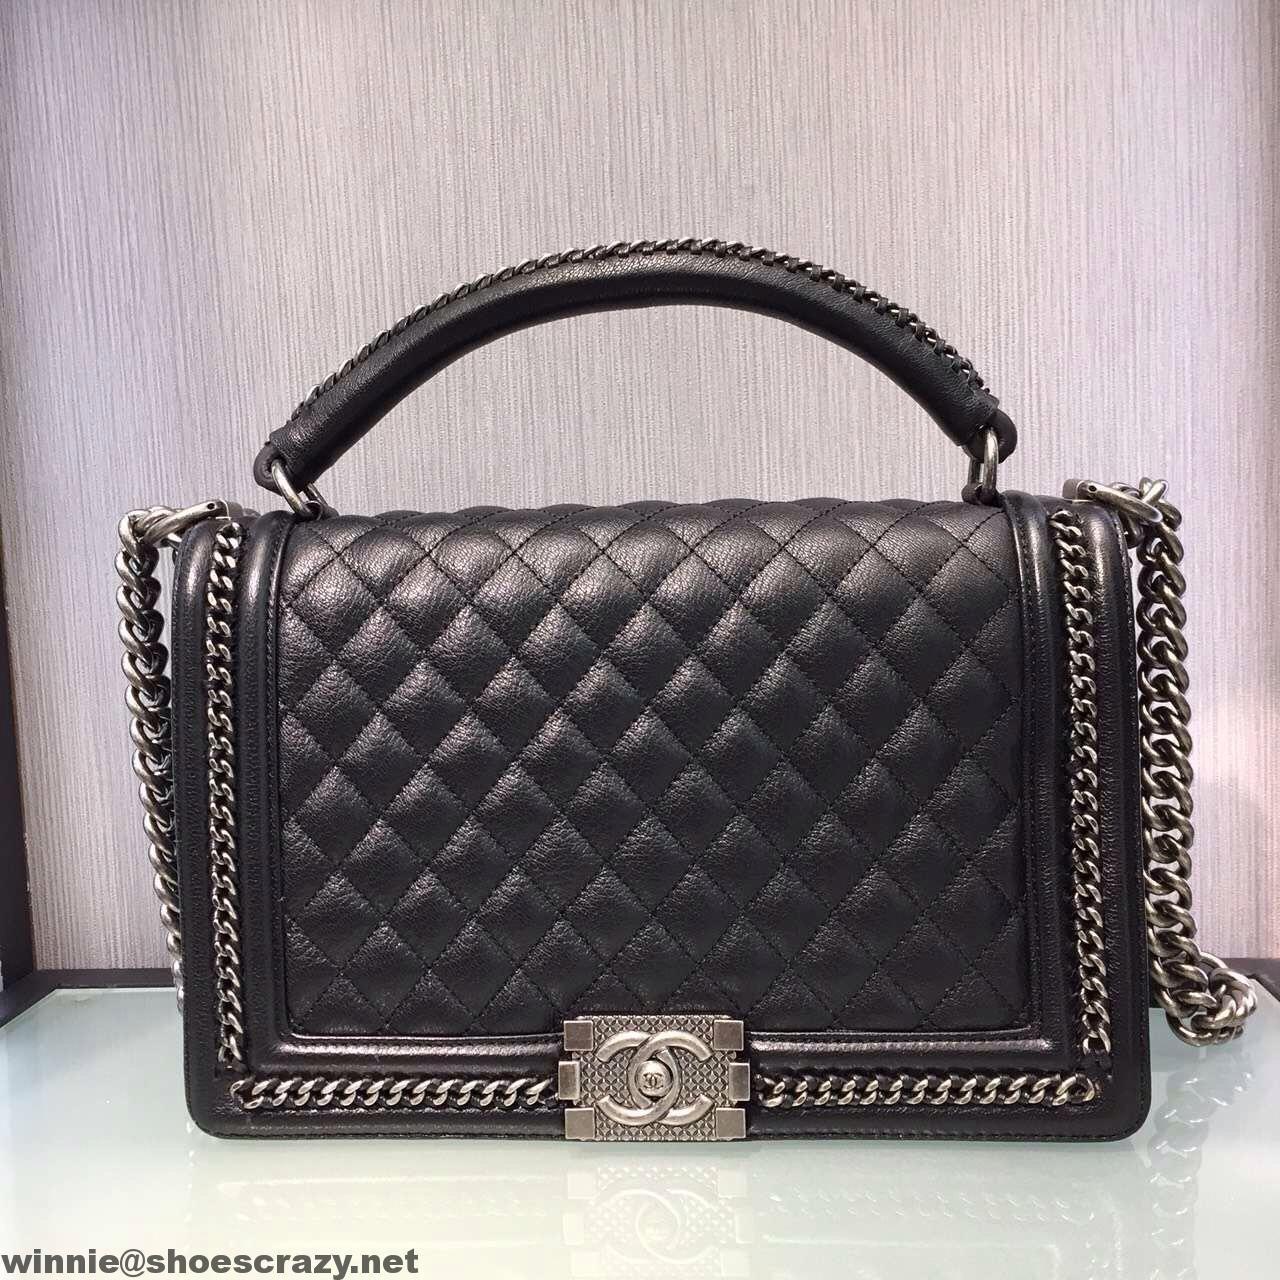 42fe622721579b Chanel New Medium Boy Chanel Chain Handle Flap Bag | Chanel | Chanel ...